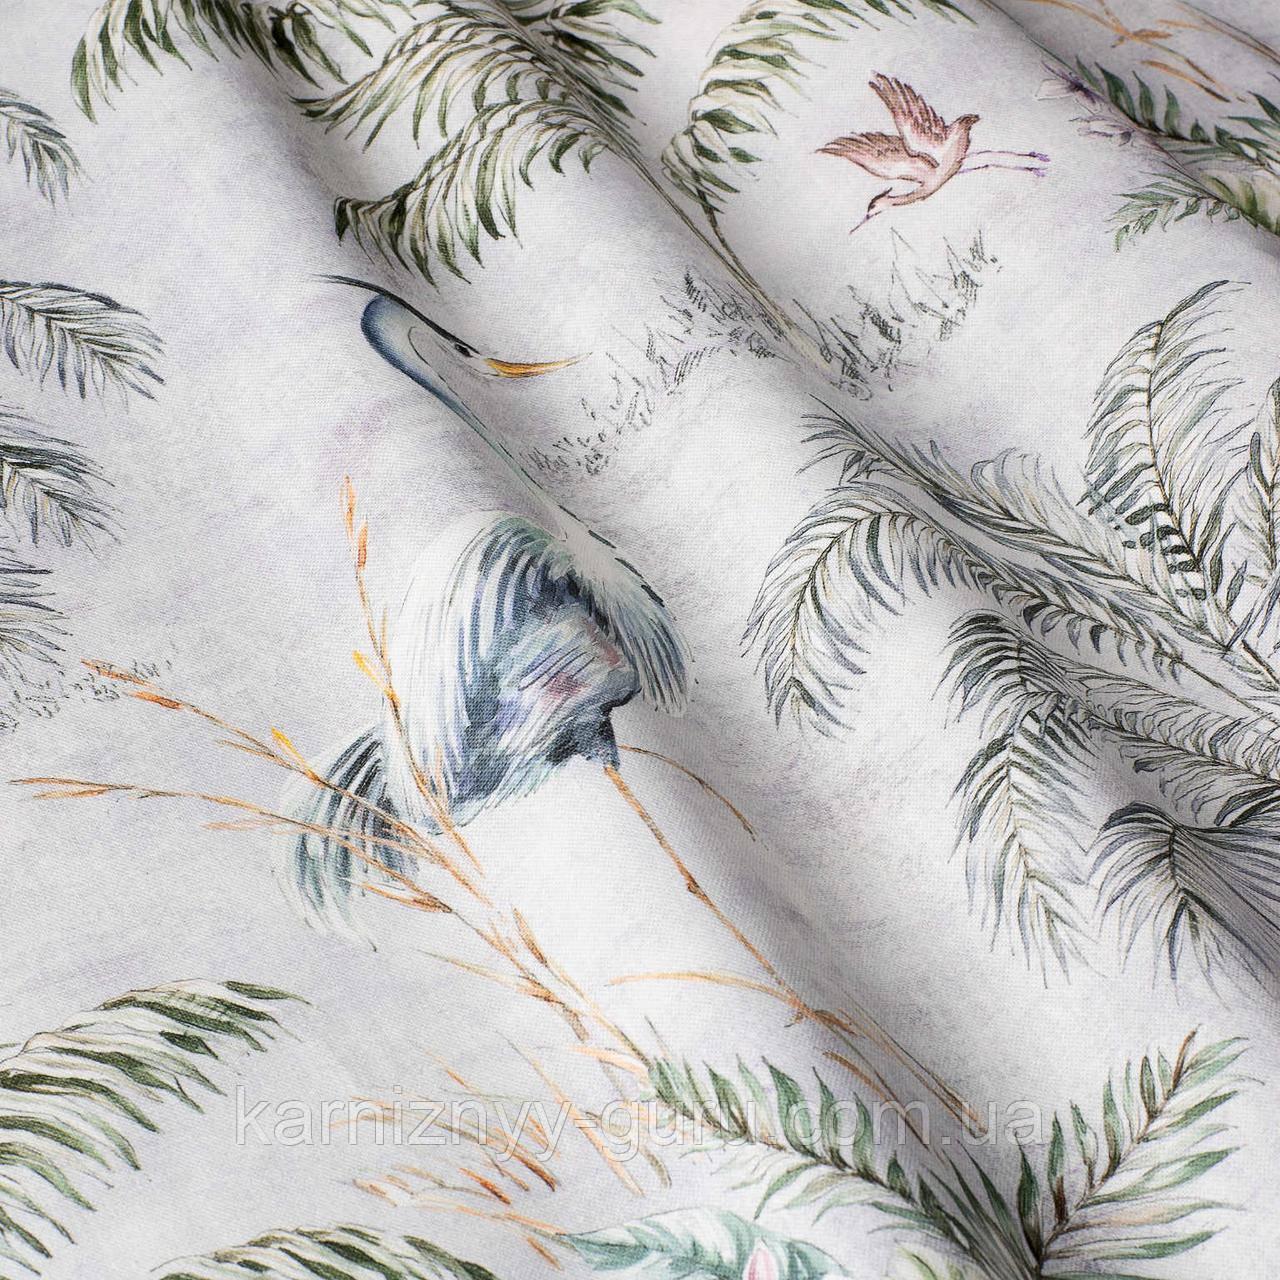 Декоративные ткани с крупными зелеными растениями и голубыми птицами на белом 84290v1